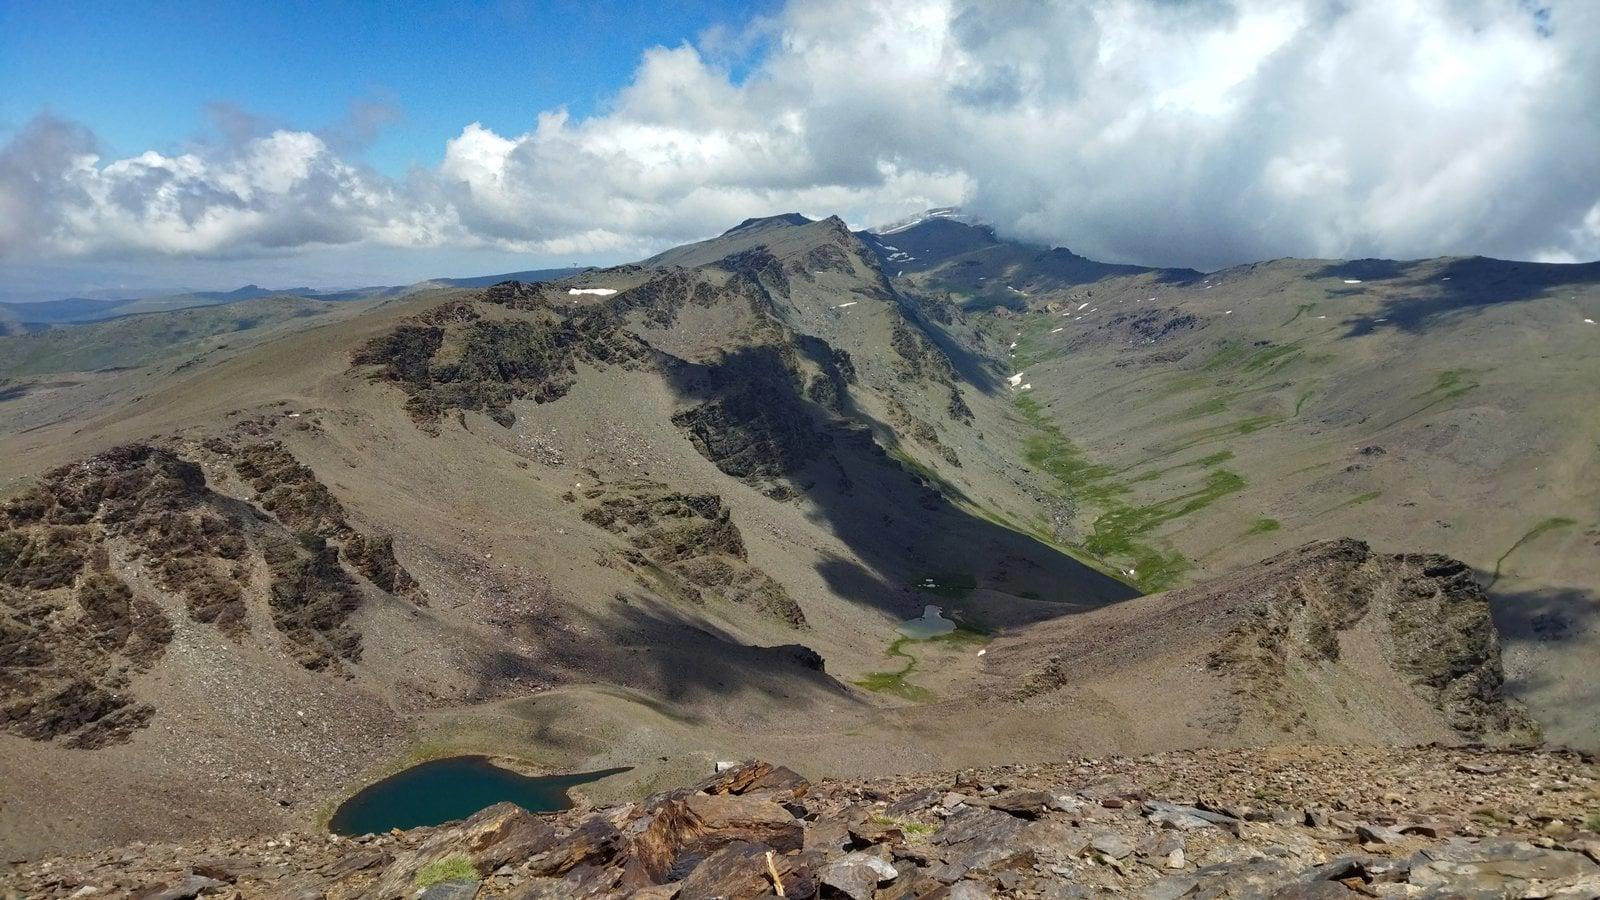 North from summit of Cerro de Caballo